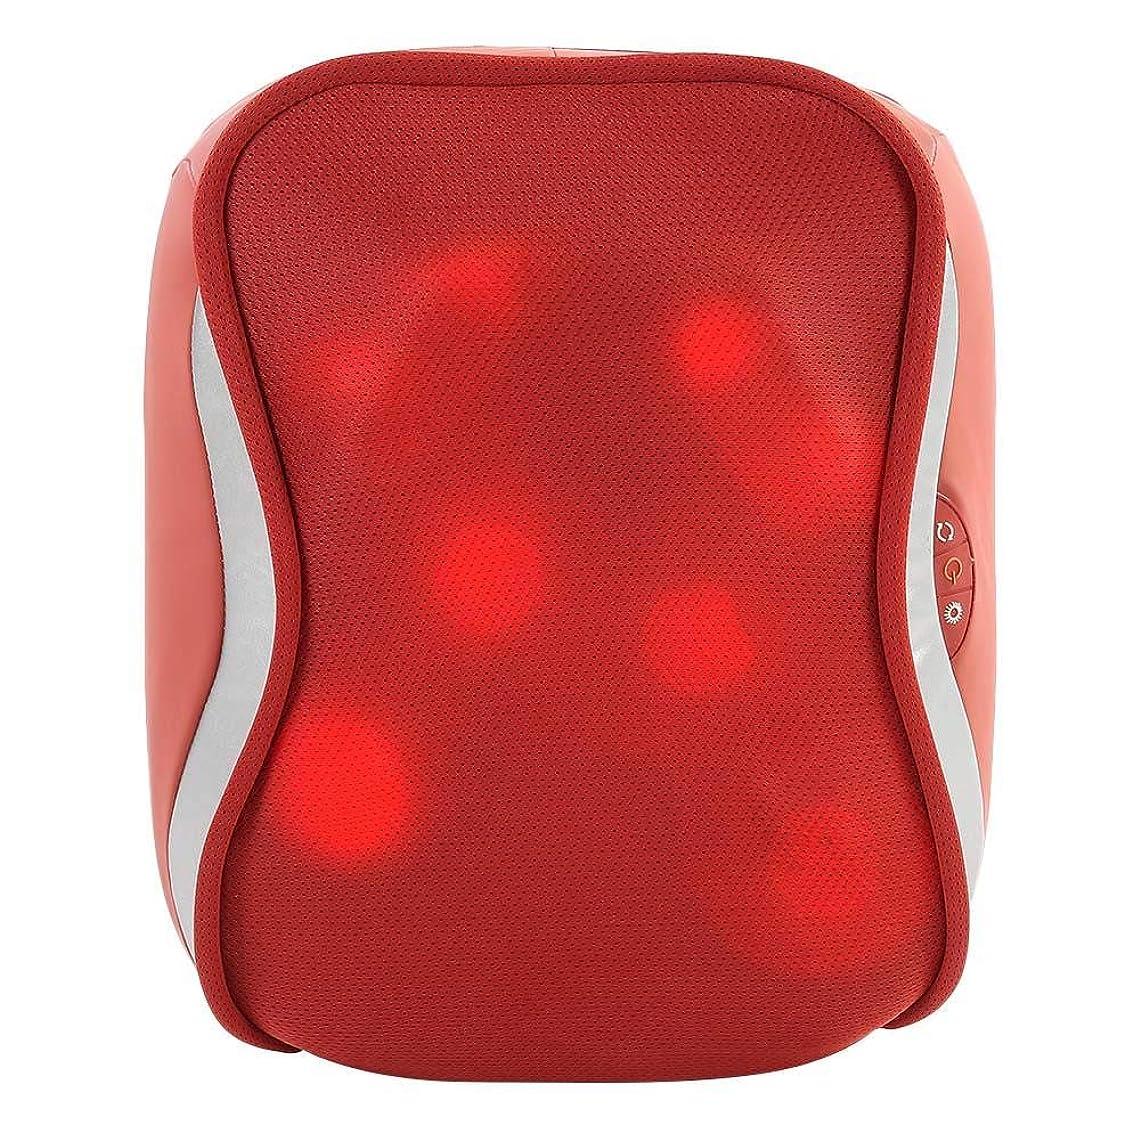 異常人質自動指圧バックマッサージ、多機能ボディチェアシートクッション、腰、肩、筋肉痛ホーム、オフィス、車、ベッド用